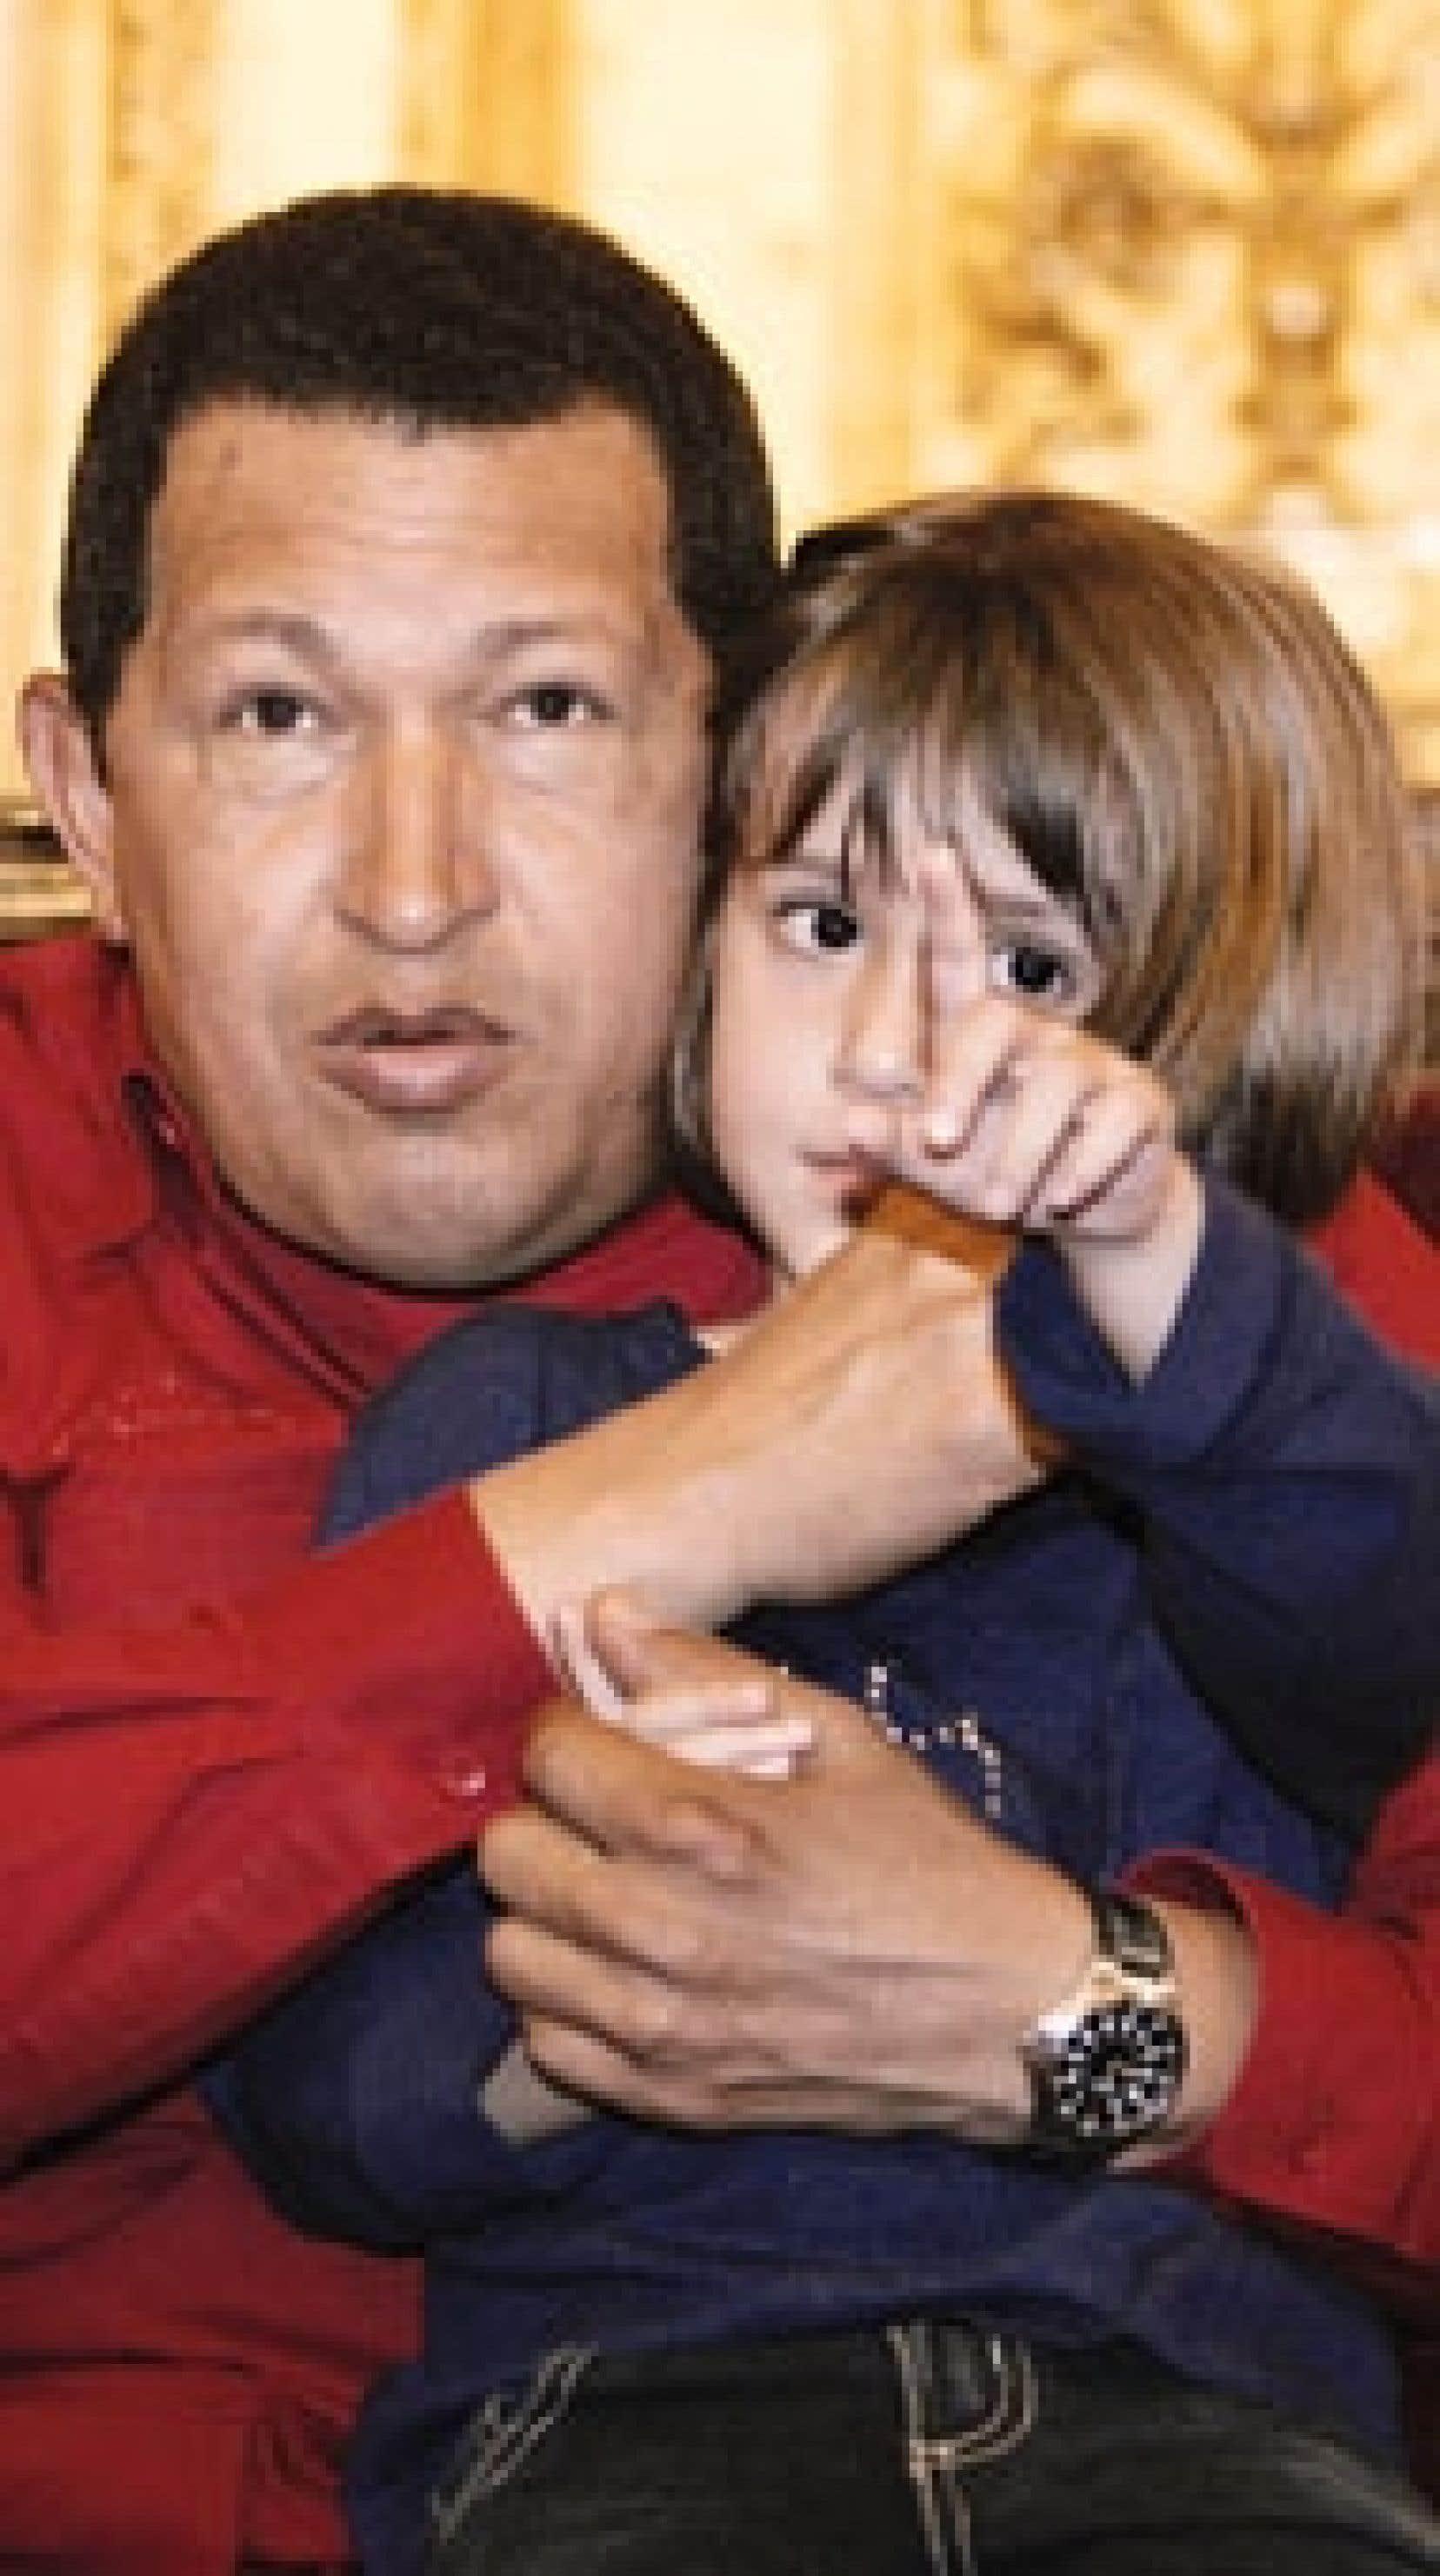 Après s'être lancé dans une série d'attaques verbales contre le président américain à la la tribune des Nations unies la veille, le président du Venezuela, Hugo Chávez, en a rajouté hier, le traitant d'«alcoolique» et de «malade bourré de c